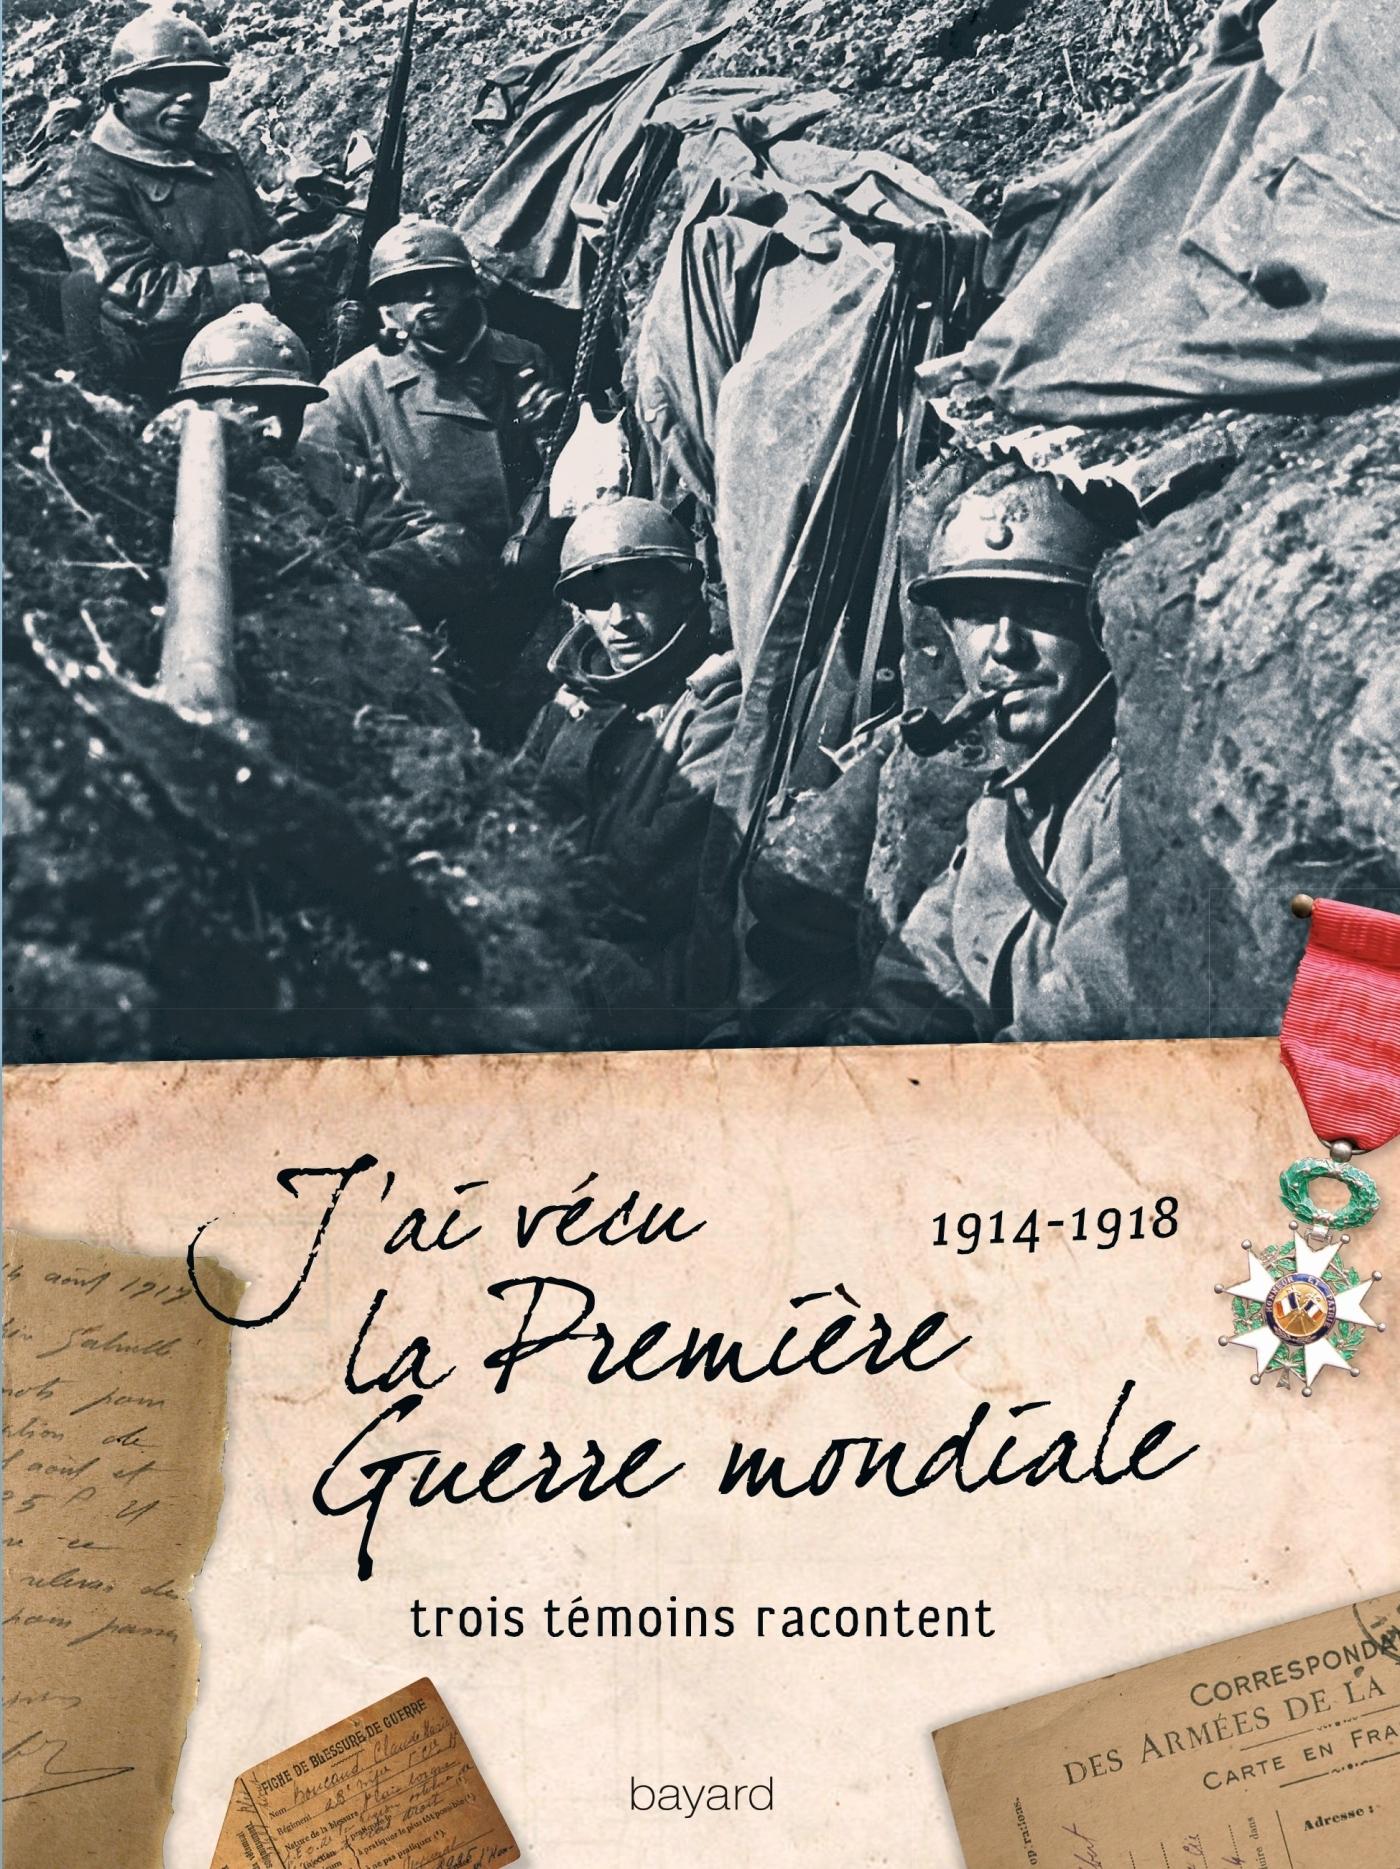 J'AI VECU LA PREMIERE GUERRE MONDIALE (1914-1918)